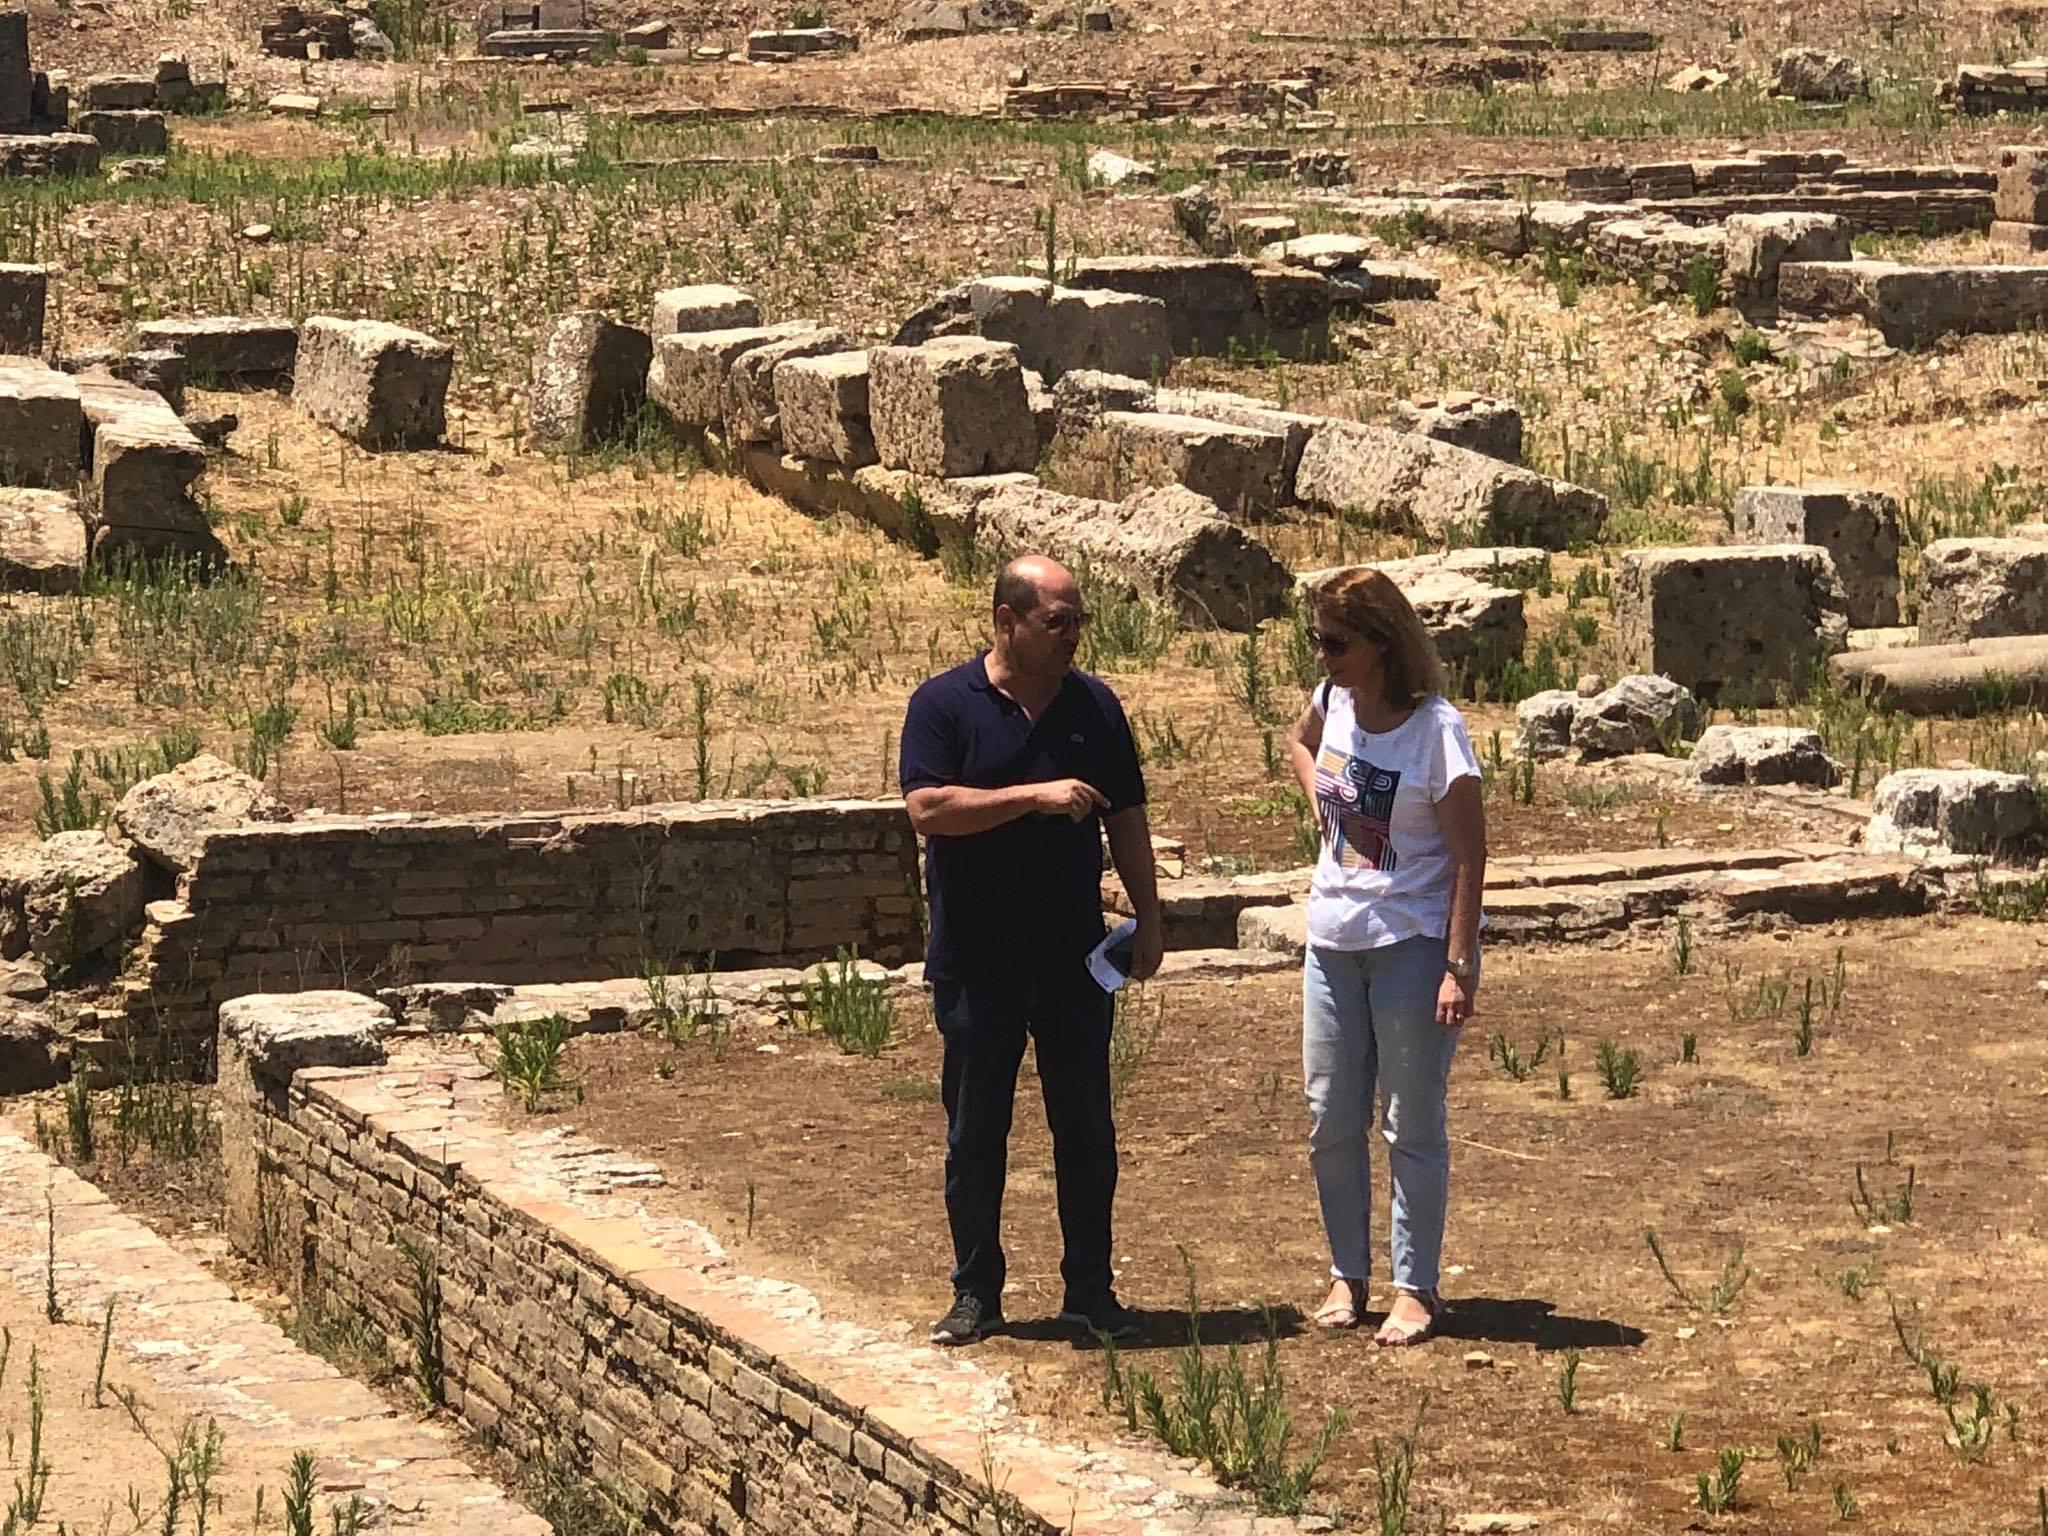 Όλη η Ελλάδα ένας πολιτισμός με την παράσταση «Οι ποιητές μας τραγουδούν» στο Θέατρο της Αρχαίας Ήλιδας- Επεκτείνεται η συνεργασία Δήμου Ήλιδας με Μέγαρο Μουσικής (photos)